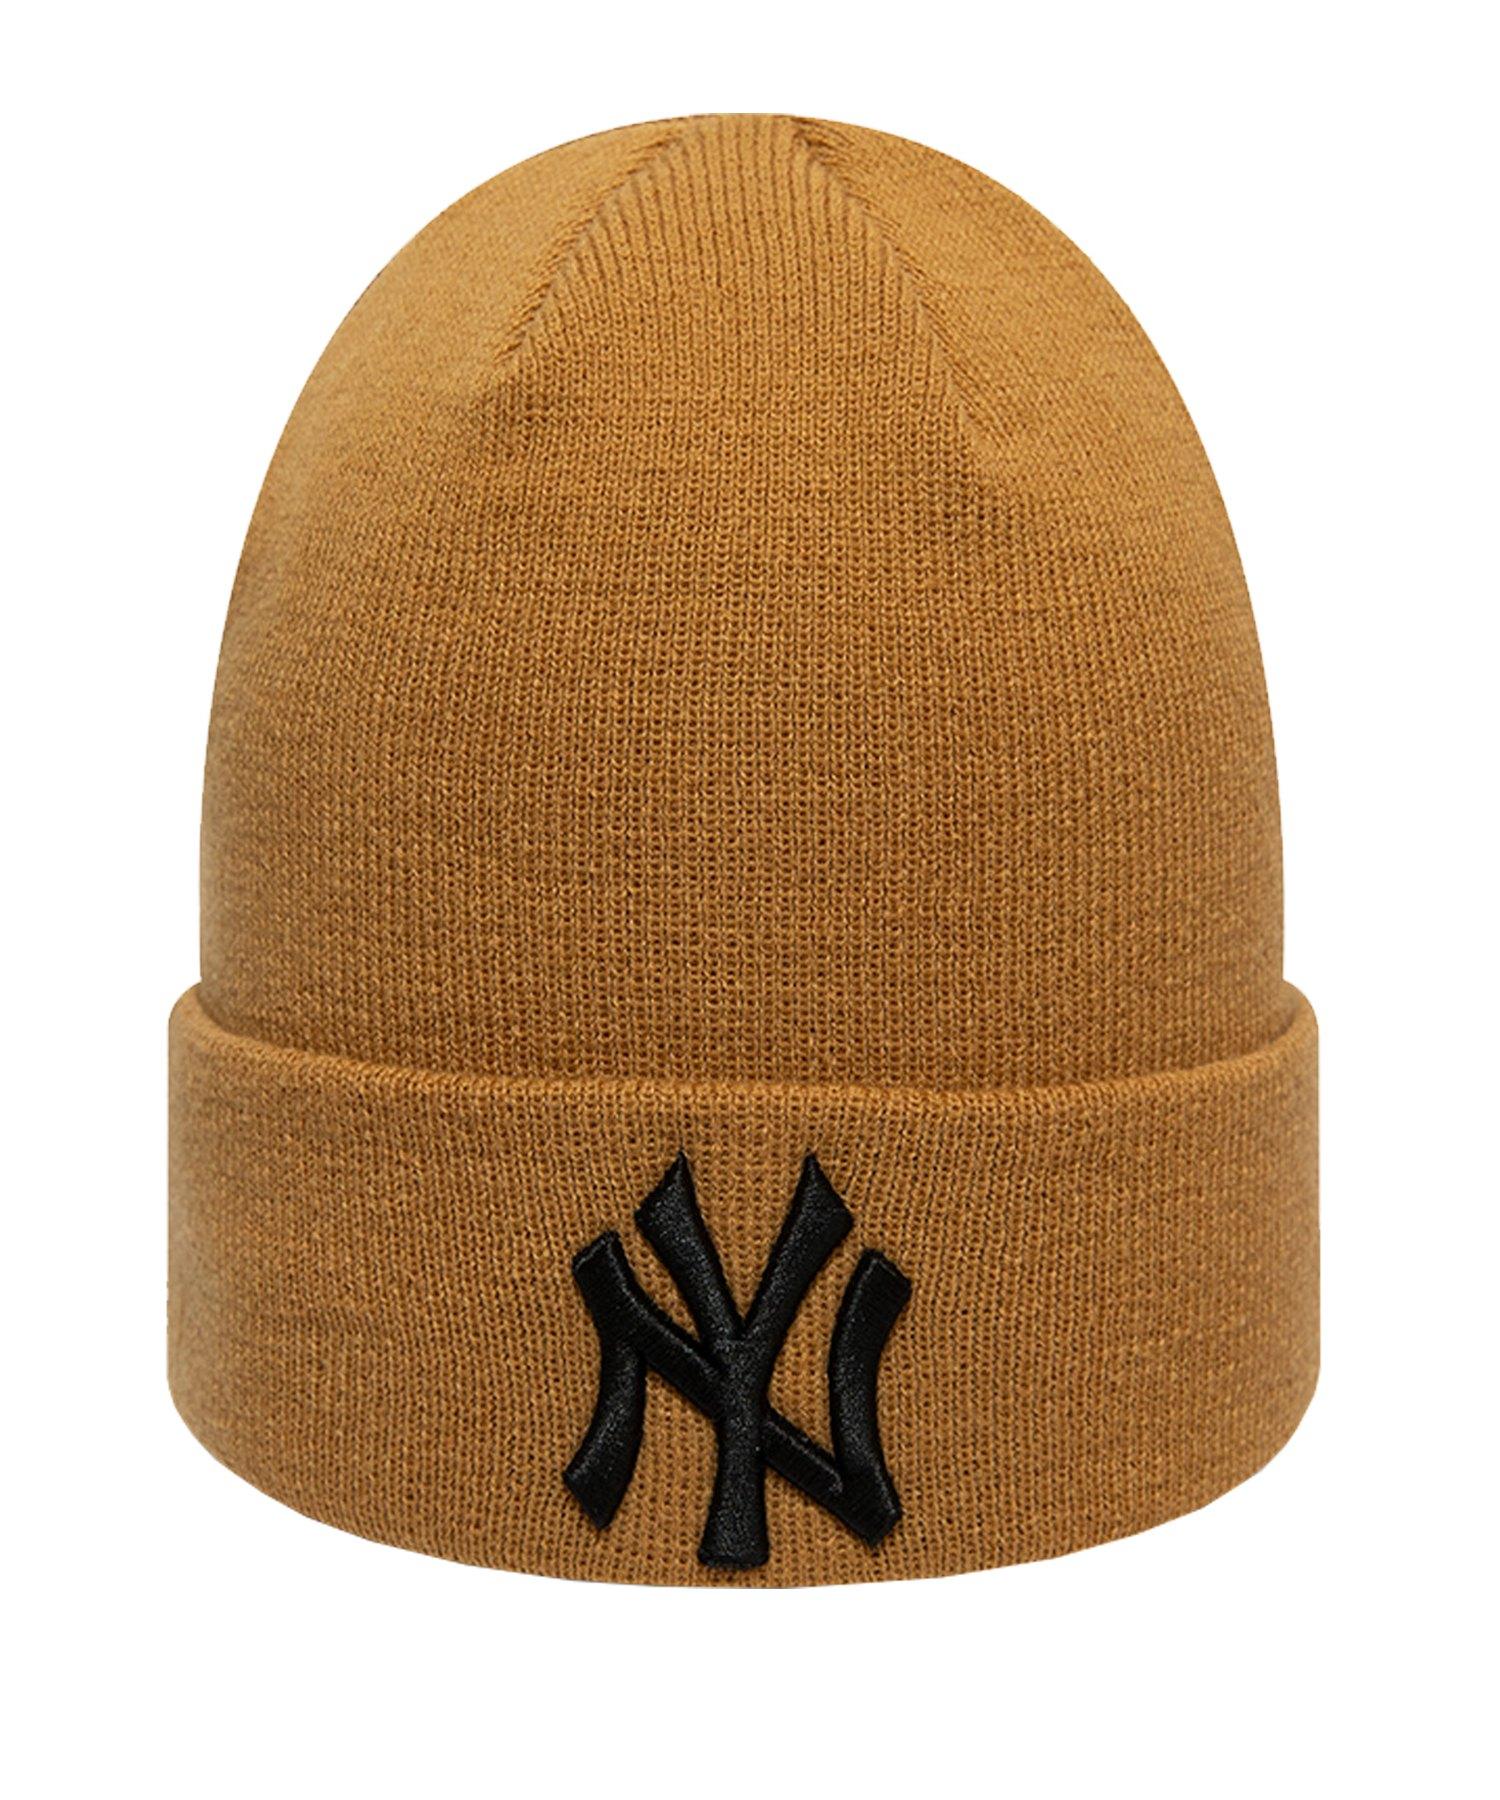 New Era NY Yankees Beanie Cap Braun - braun